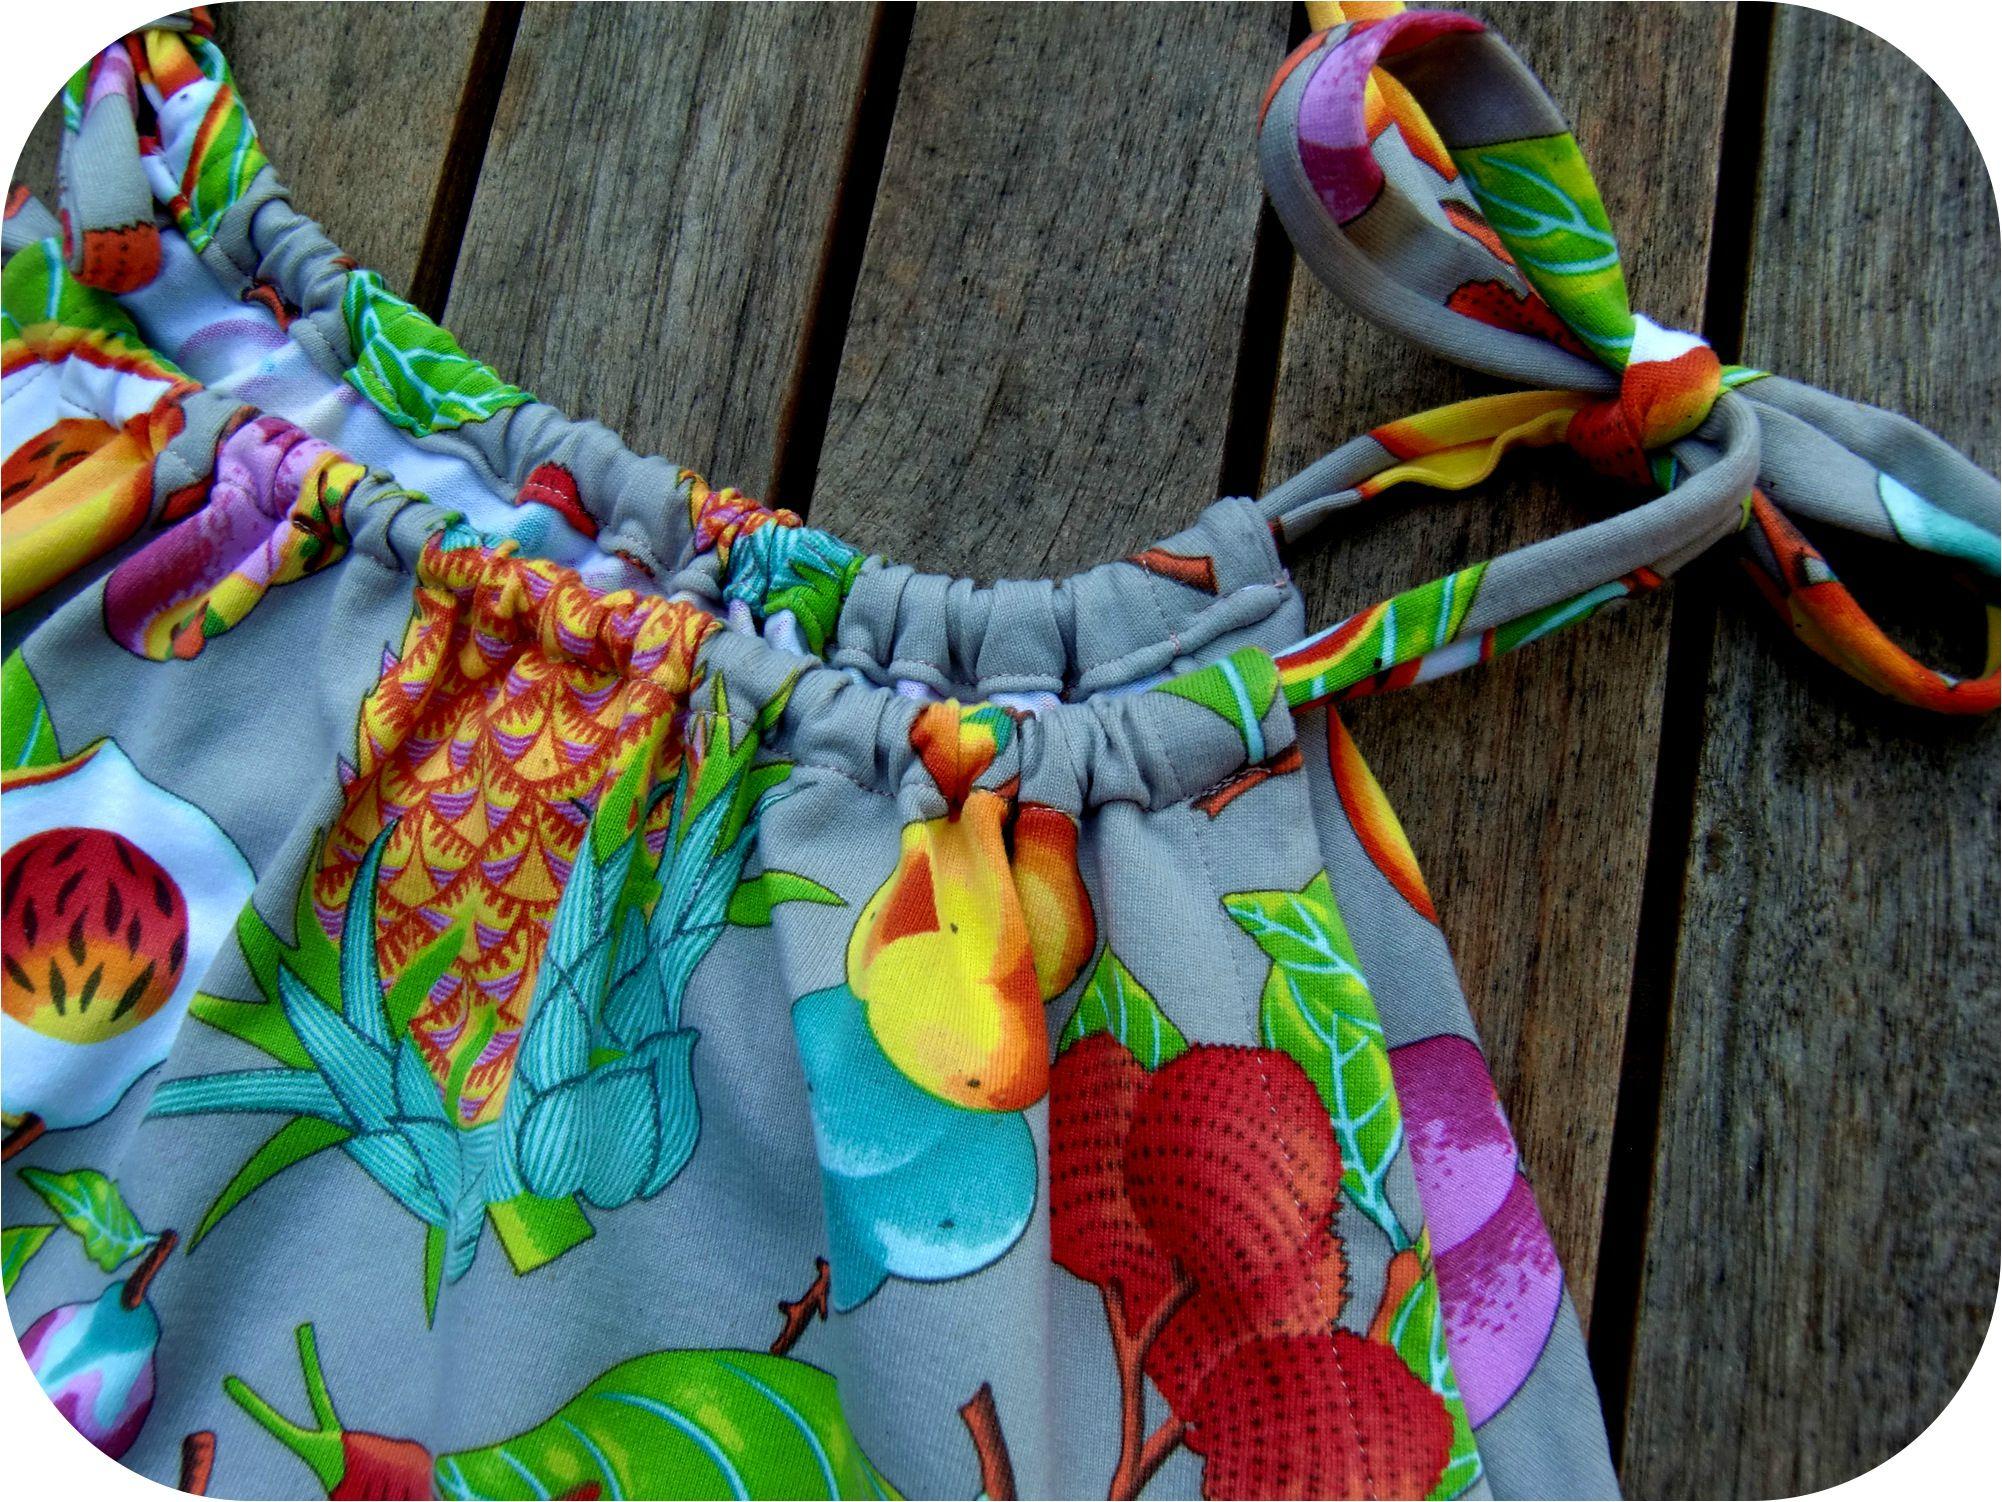 Bien connu Robe de plage pour prolonger l'été - Je couds Citronille HW38